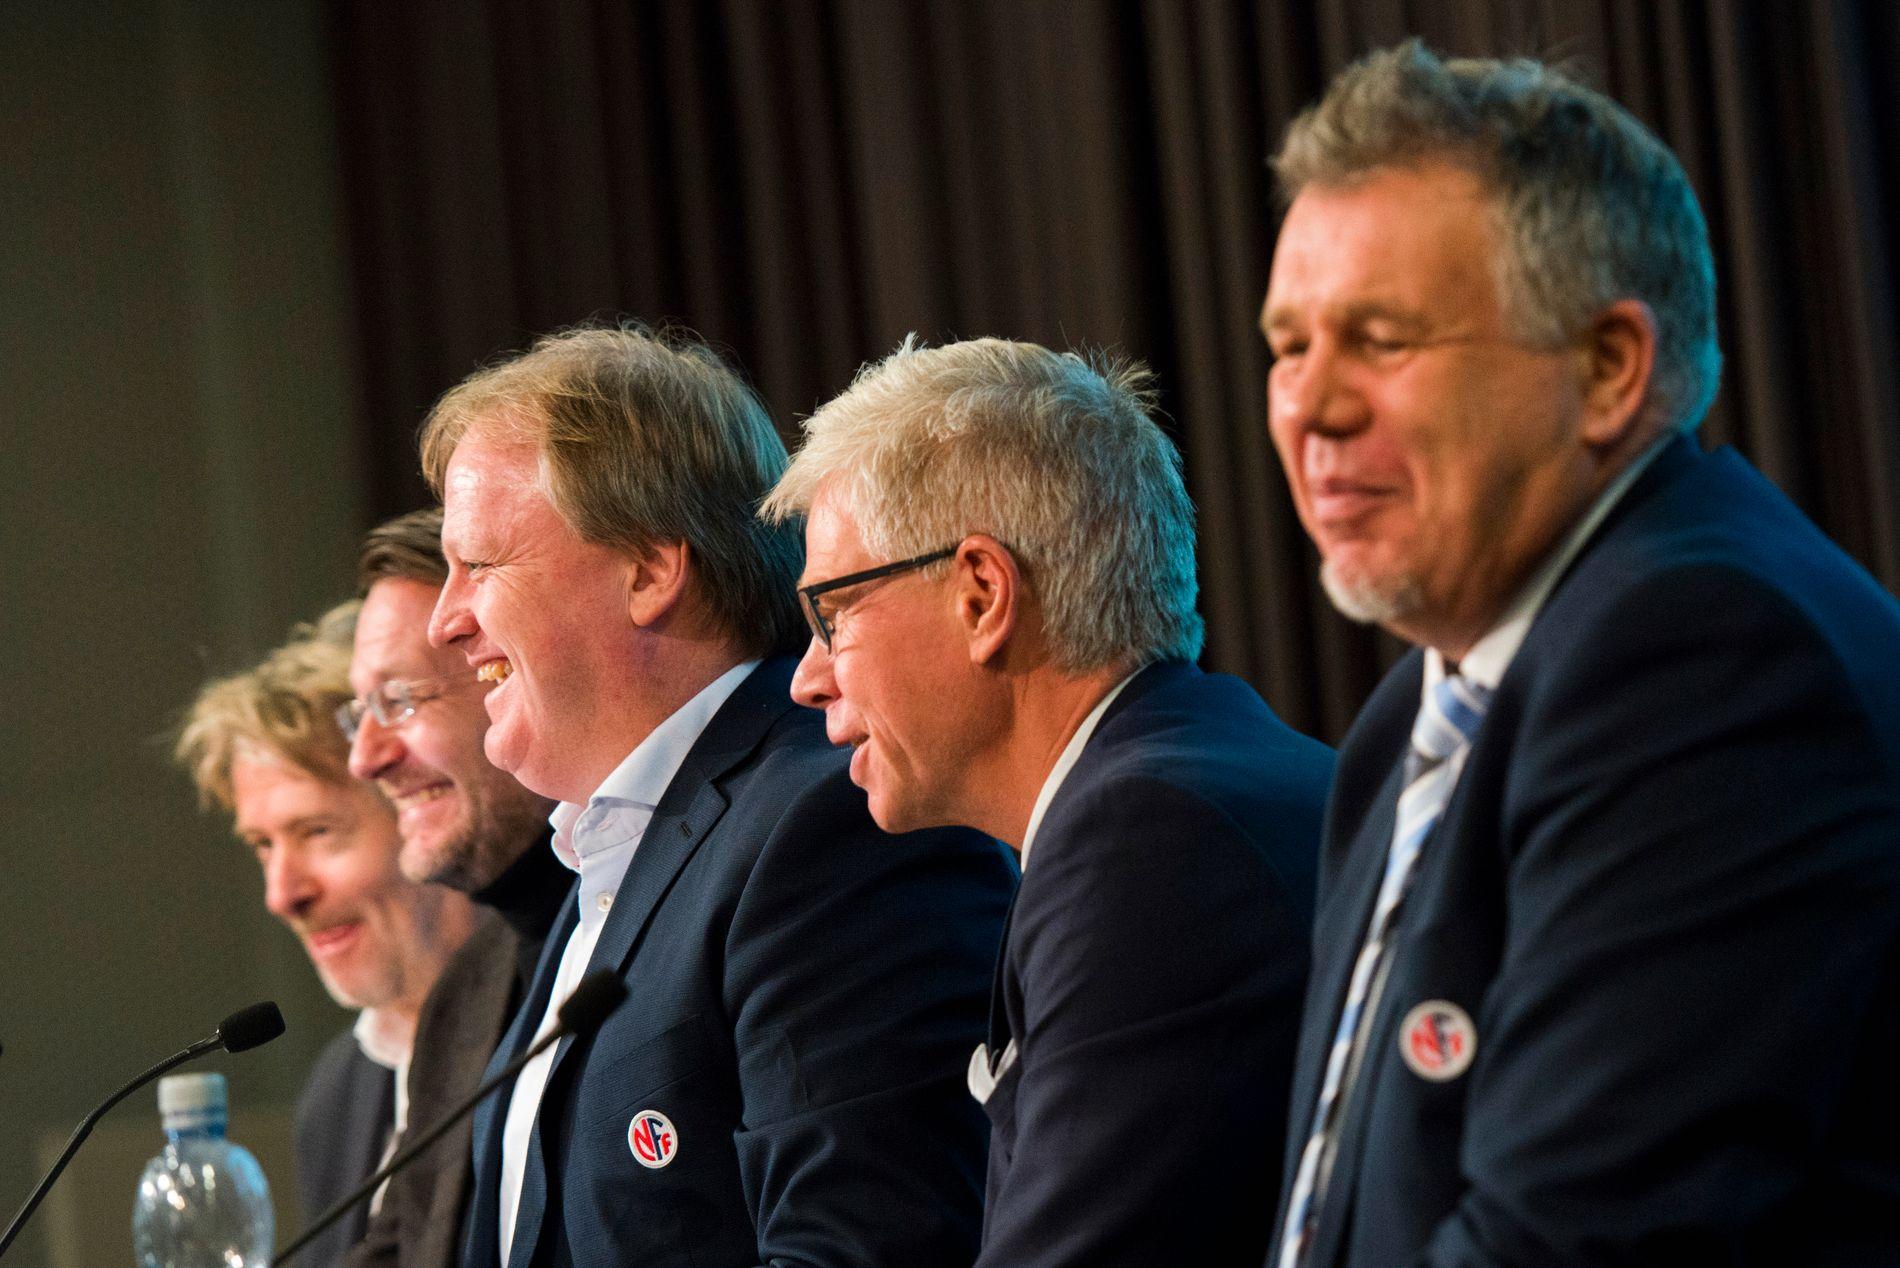 HUMØR: Det var god stemning da medieavtalen som sikrer norsk fotball 2,4 milliarder kroner ble presentert i desember. Kjetil Siem (generalsekretær, NFF), Leif Øverland (Norsk Toppfotball), Yngve Hallén (fotballpresident), Harald Strømme (Discovery) og Torry Pedersen (VG) smilte alle godt.